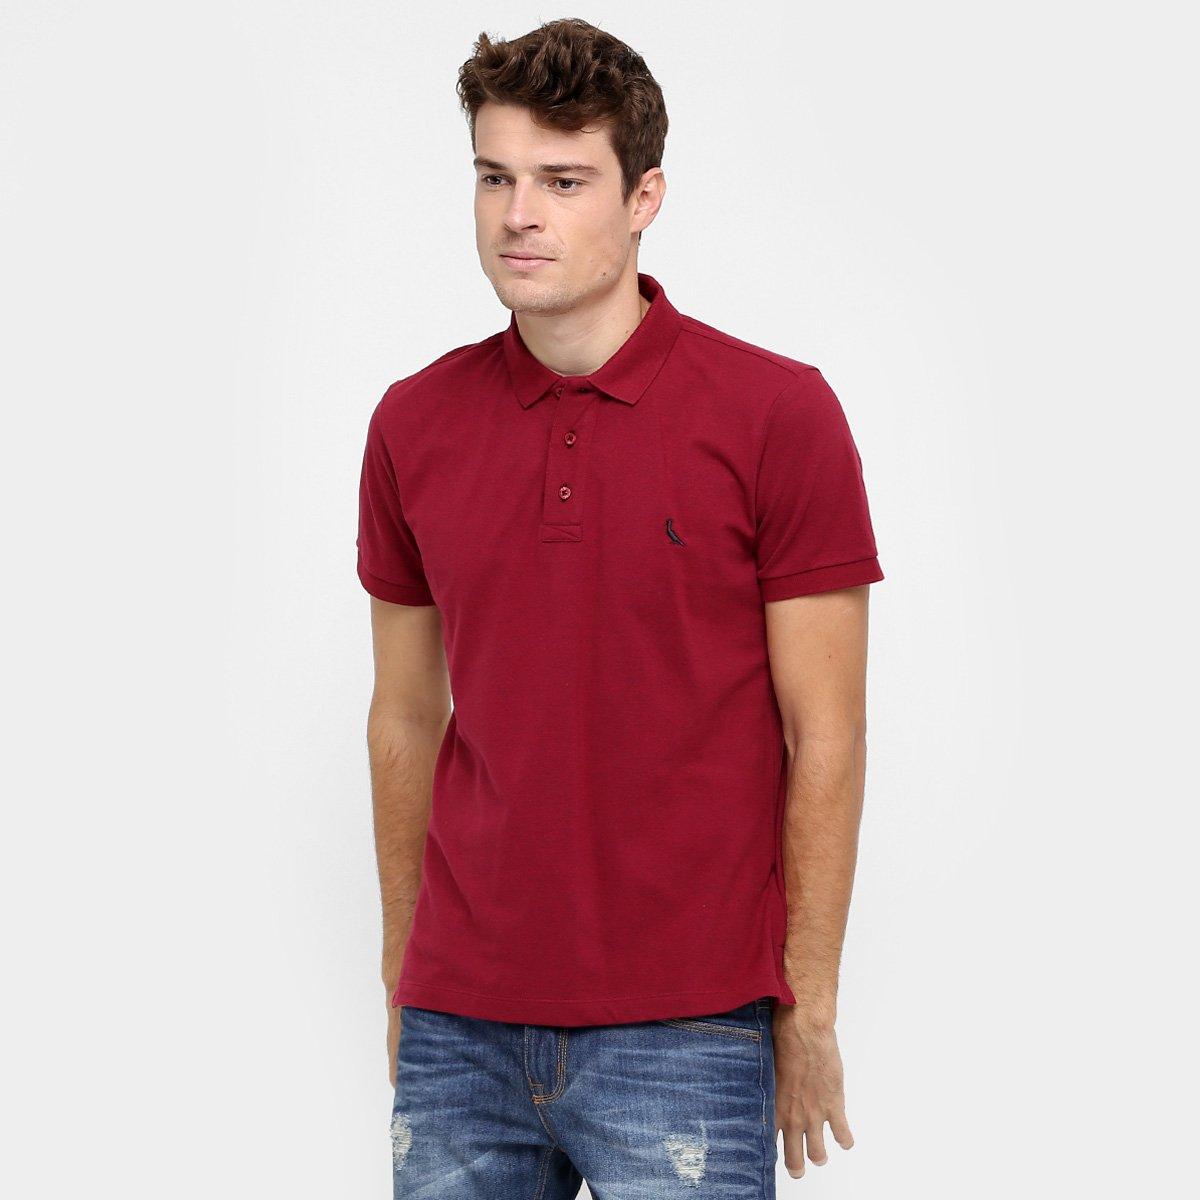 Camisa Polo Reserva Piquet Novo Básico Mescla - Compre Agora  92f74e3c05f93